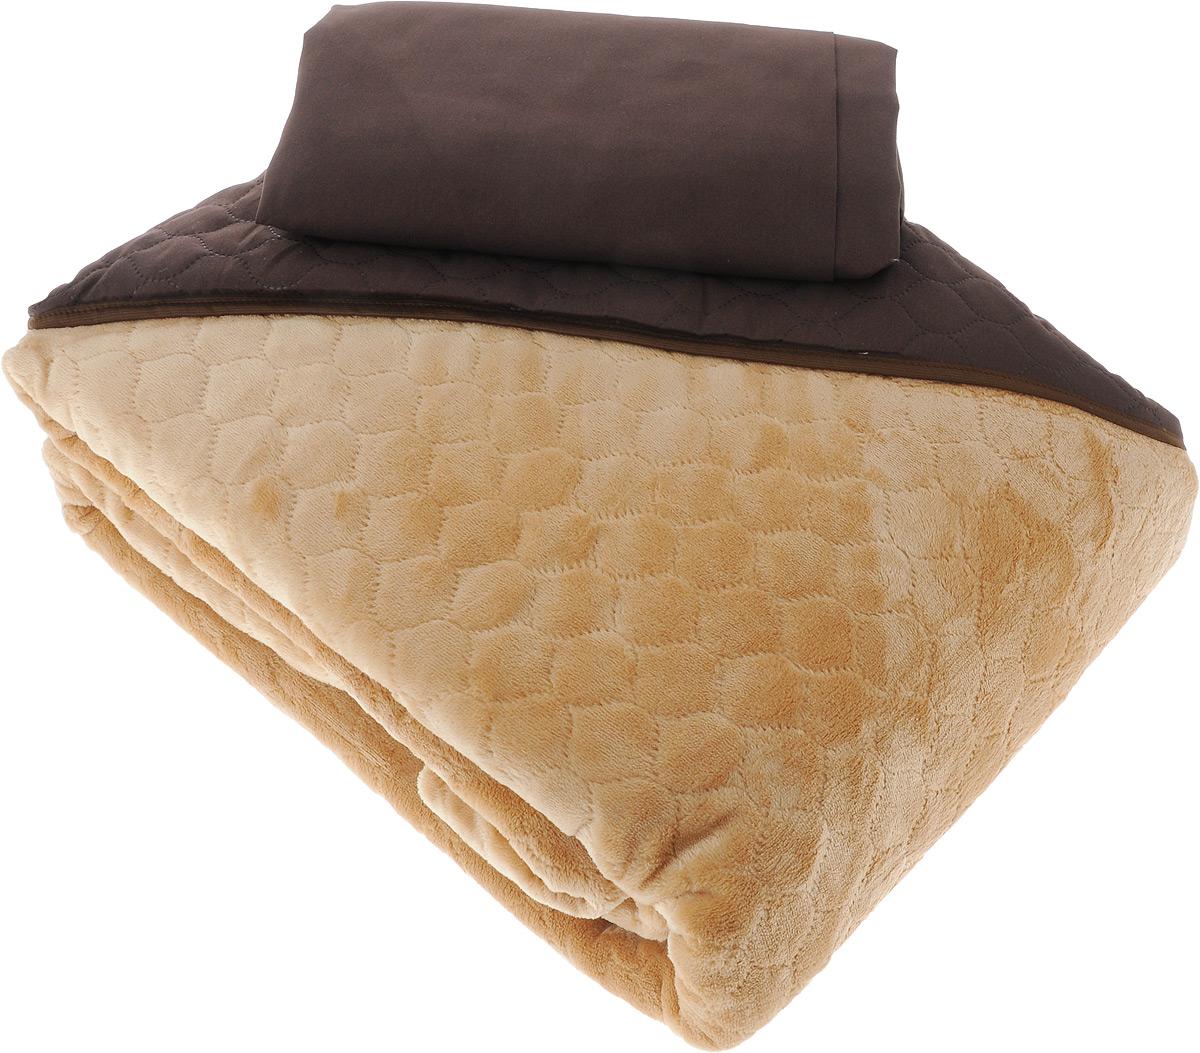 Комплект для спальни Sleep iX Multi Set: покрывало 220 х 240 см, простыня 230 х 240 см, 2 наволочки 50 х 70 см, цвет: коричневый, рыжийES-412Комплект для спальни Sleep iX Multi Set состоит из покрывала, простыни и 2 наволочек. Верх многофункционального одеяла-покрывала выполнен из мягкой высокотехнологичной ткани, которая хорошо сохраняет тепло, устойчива к стирке и износу, а низ выполнен из нежного искусственного меха. Такой мех не требует специального ухода, он легко чистится и долгое время сохраняет мягкость и внешний вид. Наволочки и простыня выполнены из микрофибры.Комплект для спальни Sleep iX Multi Set - отличный способ придать спальне уют и привнести в интерьер что-то новое.Размер покрывала: 220 х 240 см. Размер наволочки: 50 х 70 см. Размер простыни: 230 х 240 см.Комплект упакован в сумку-чехол на застежке-молнии.